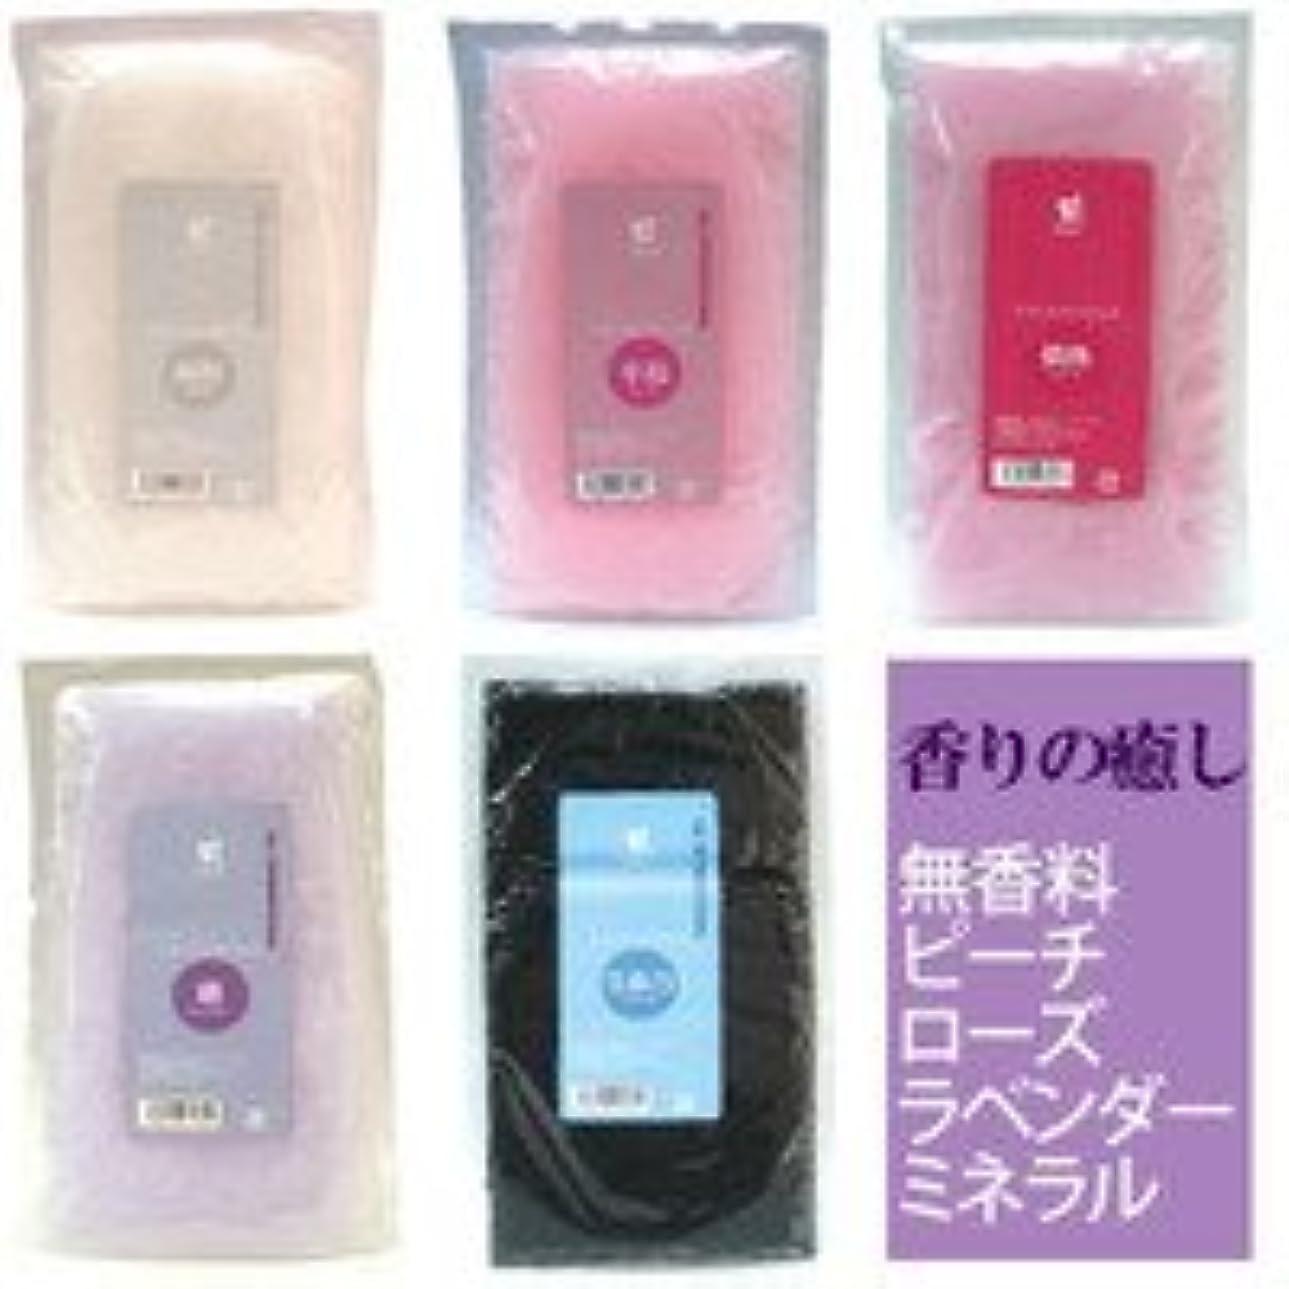 変化する聴覚可動パラフィンパック 【トリートメントパック】 450g (情熱(ローズ))